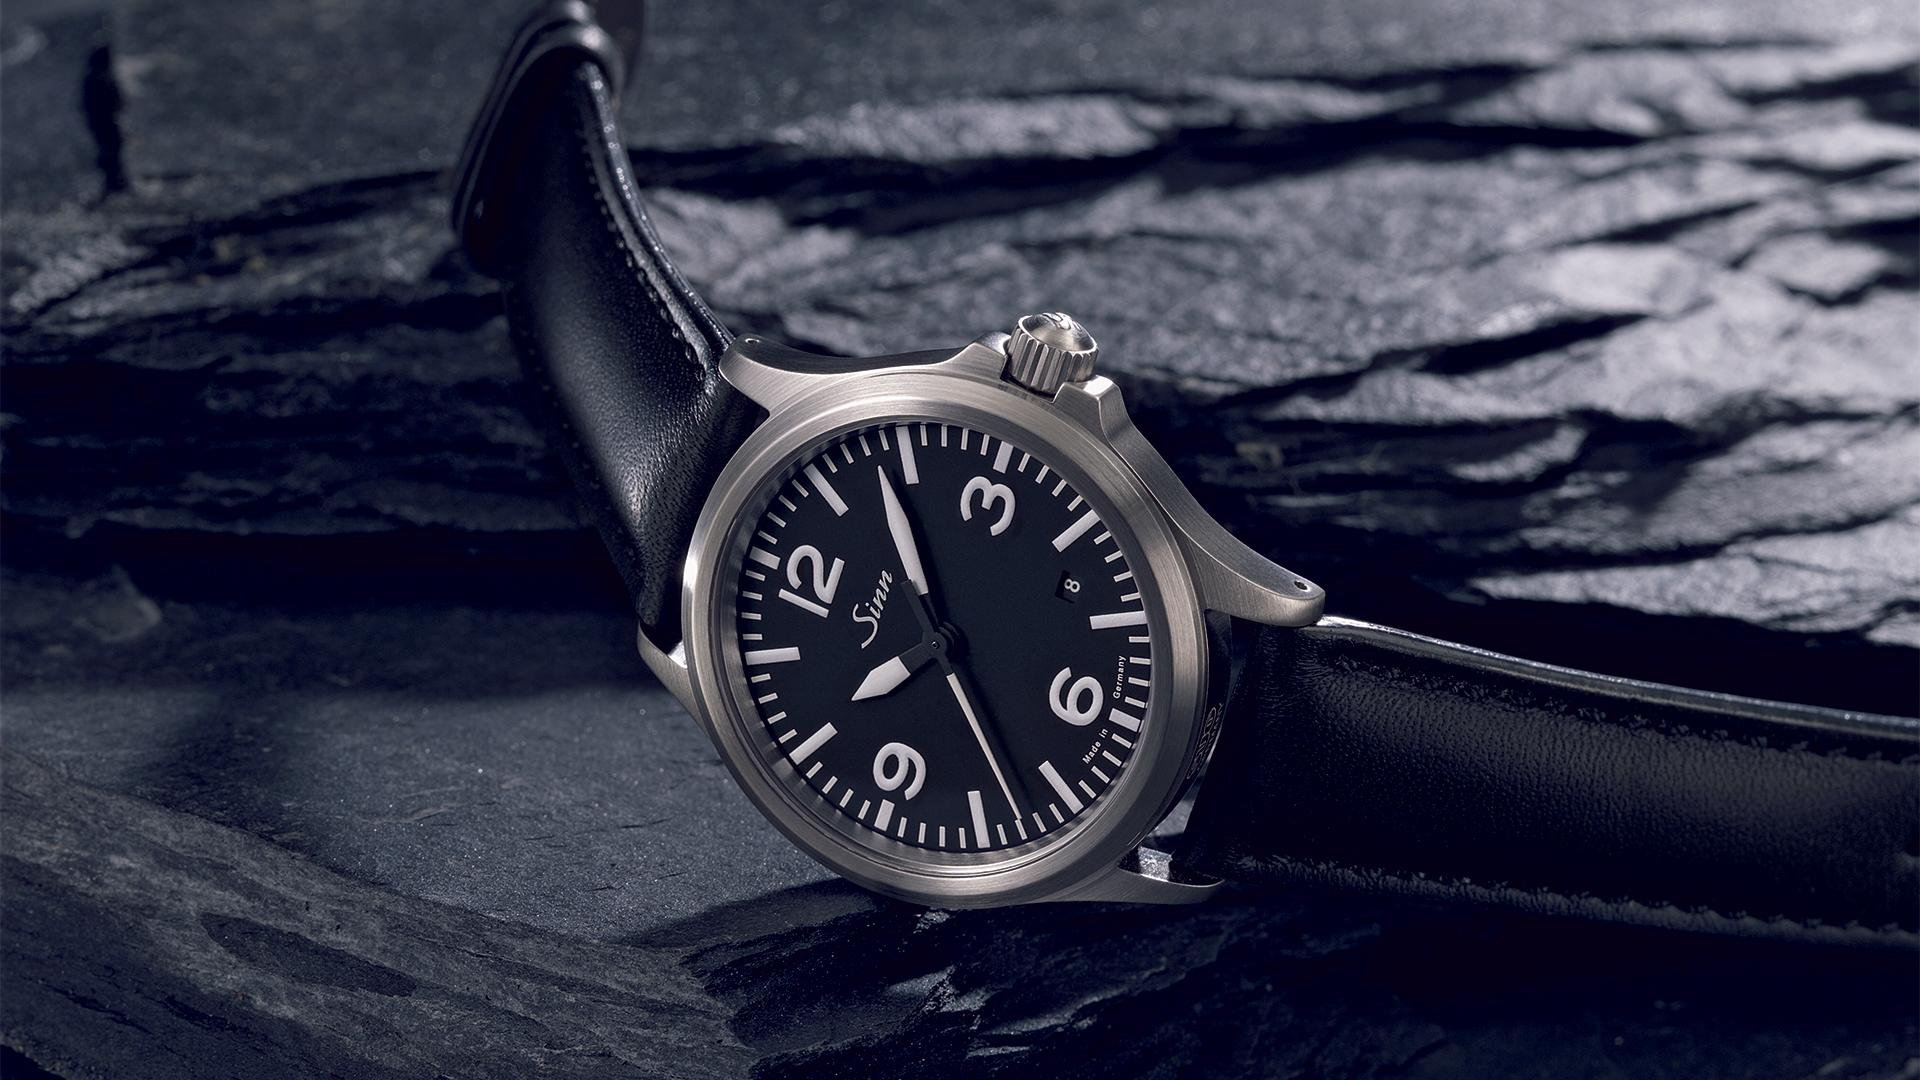 Sinn 556A field watch